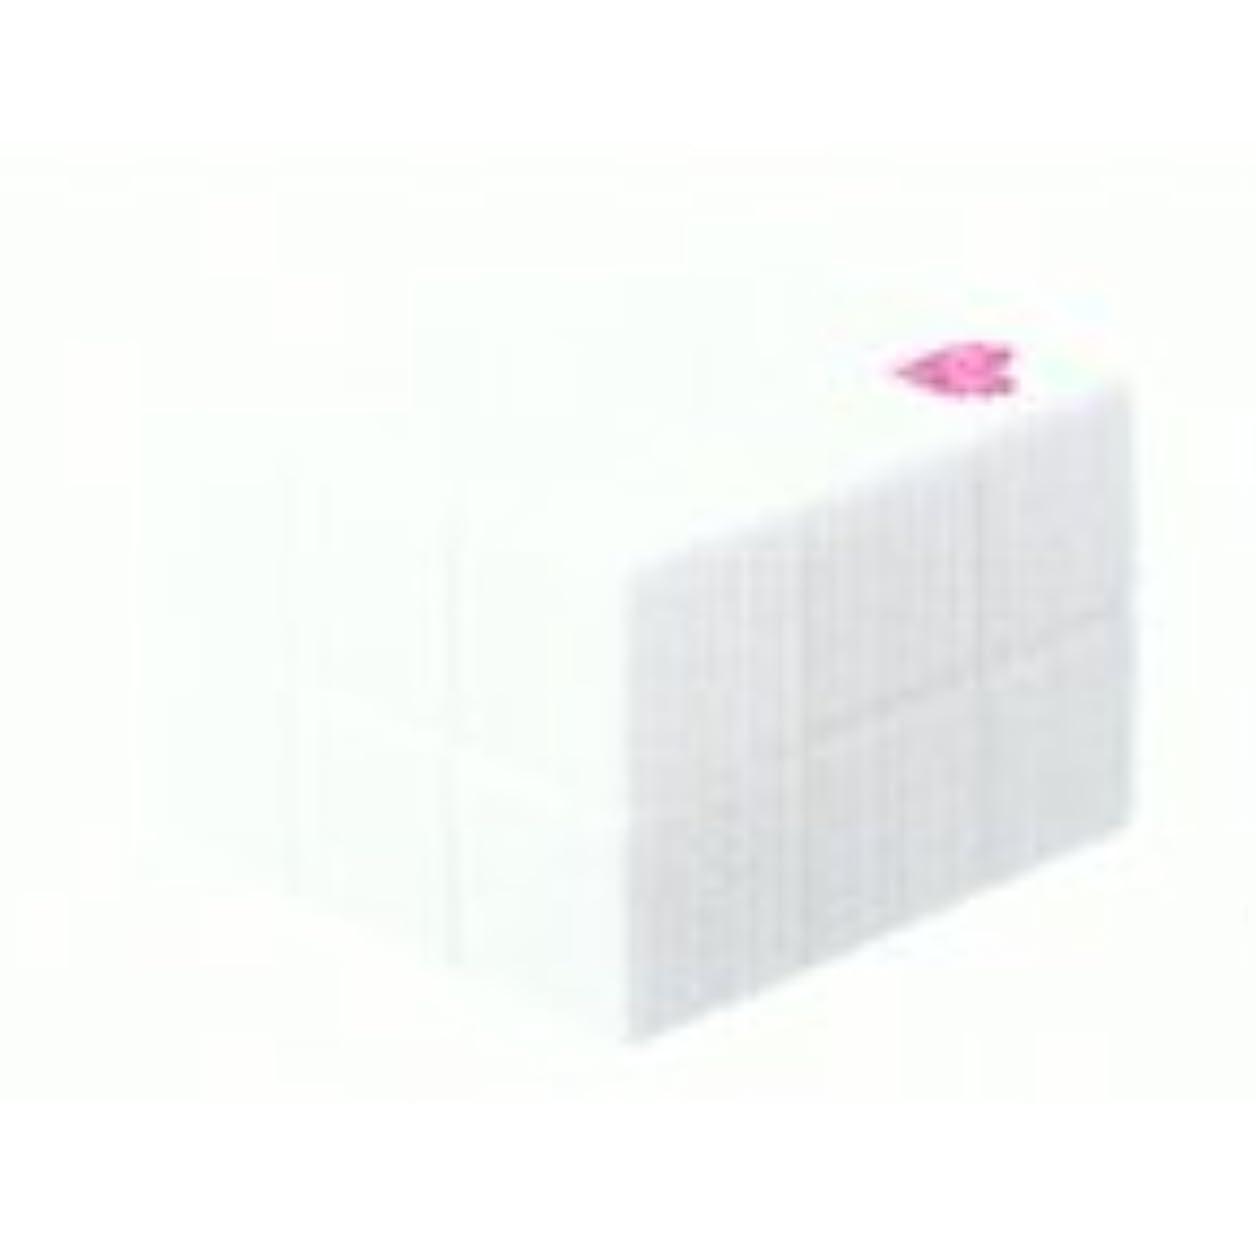 引退する錆び甲虫アリミノ ピース グロスワックス40g(ホワイト)